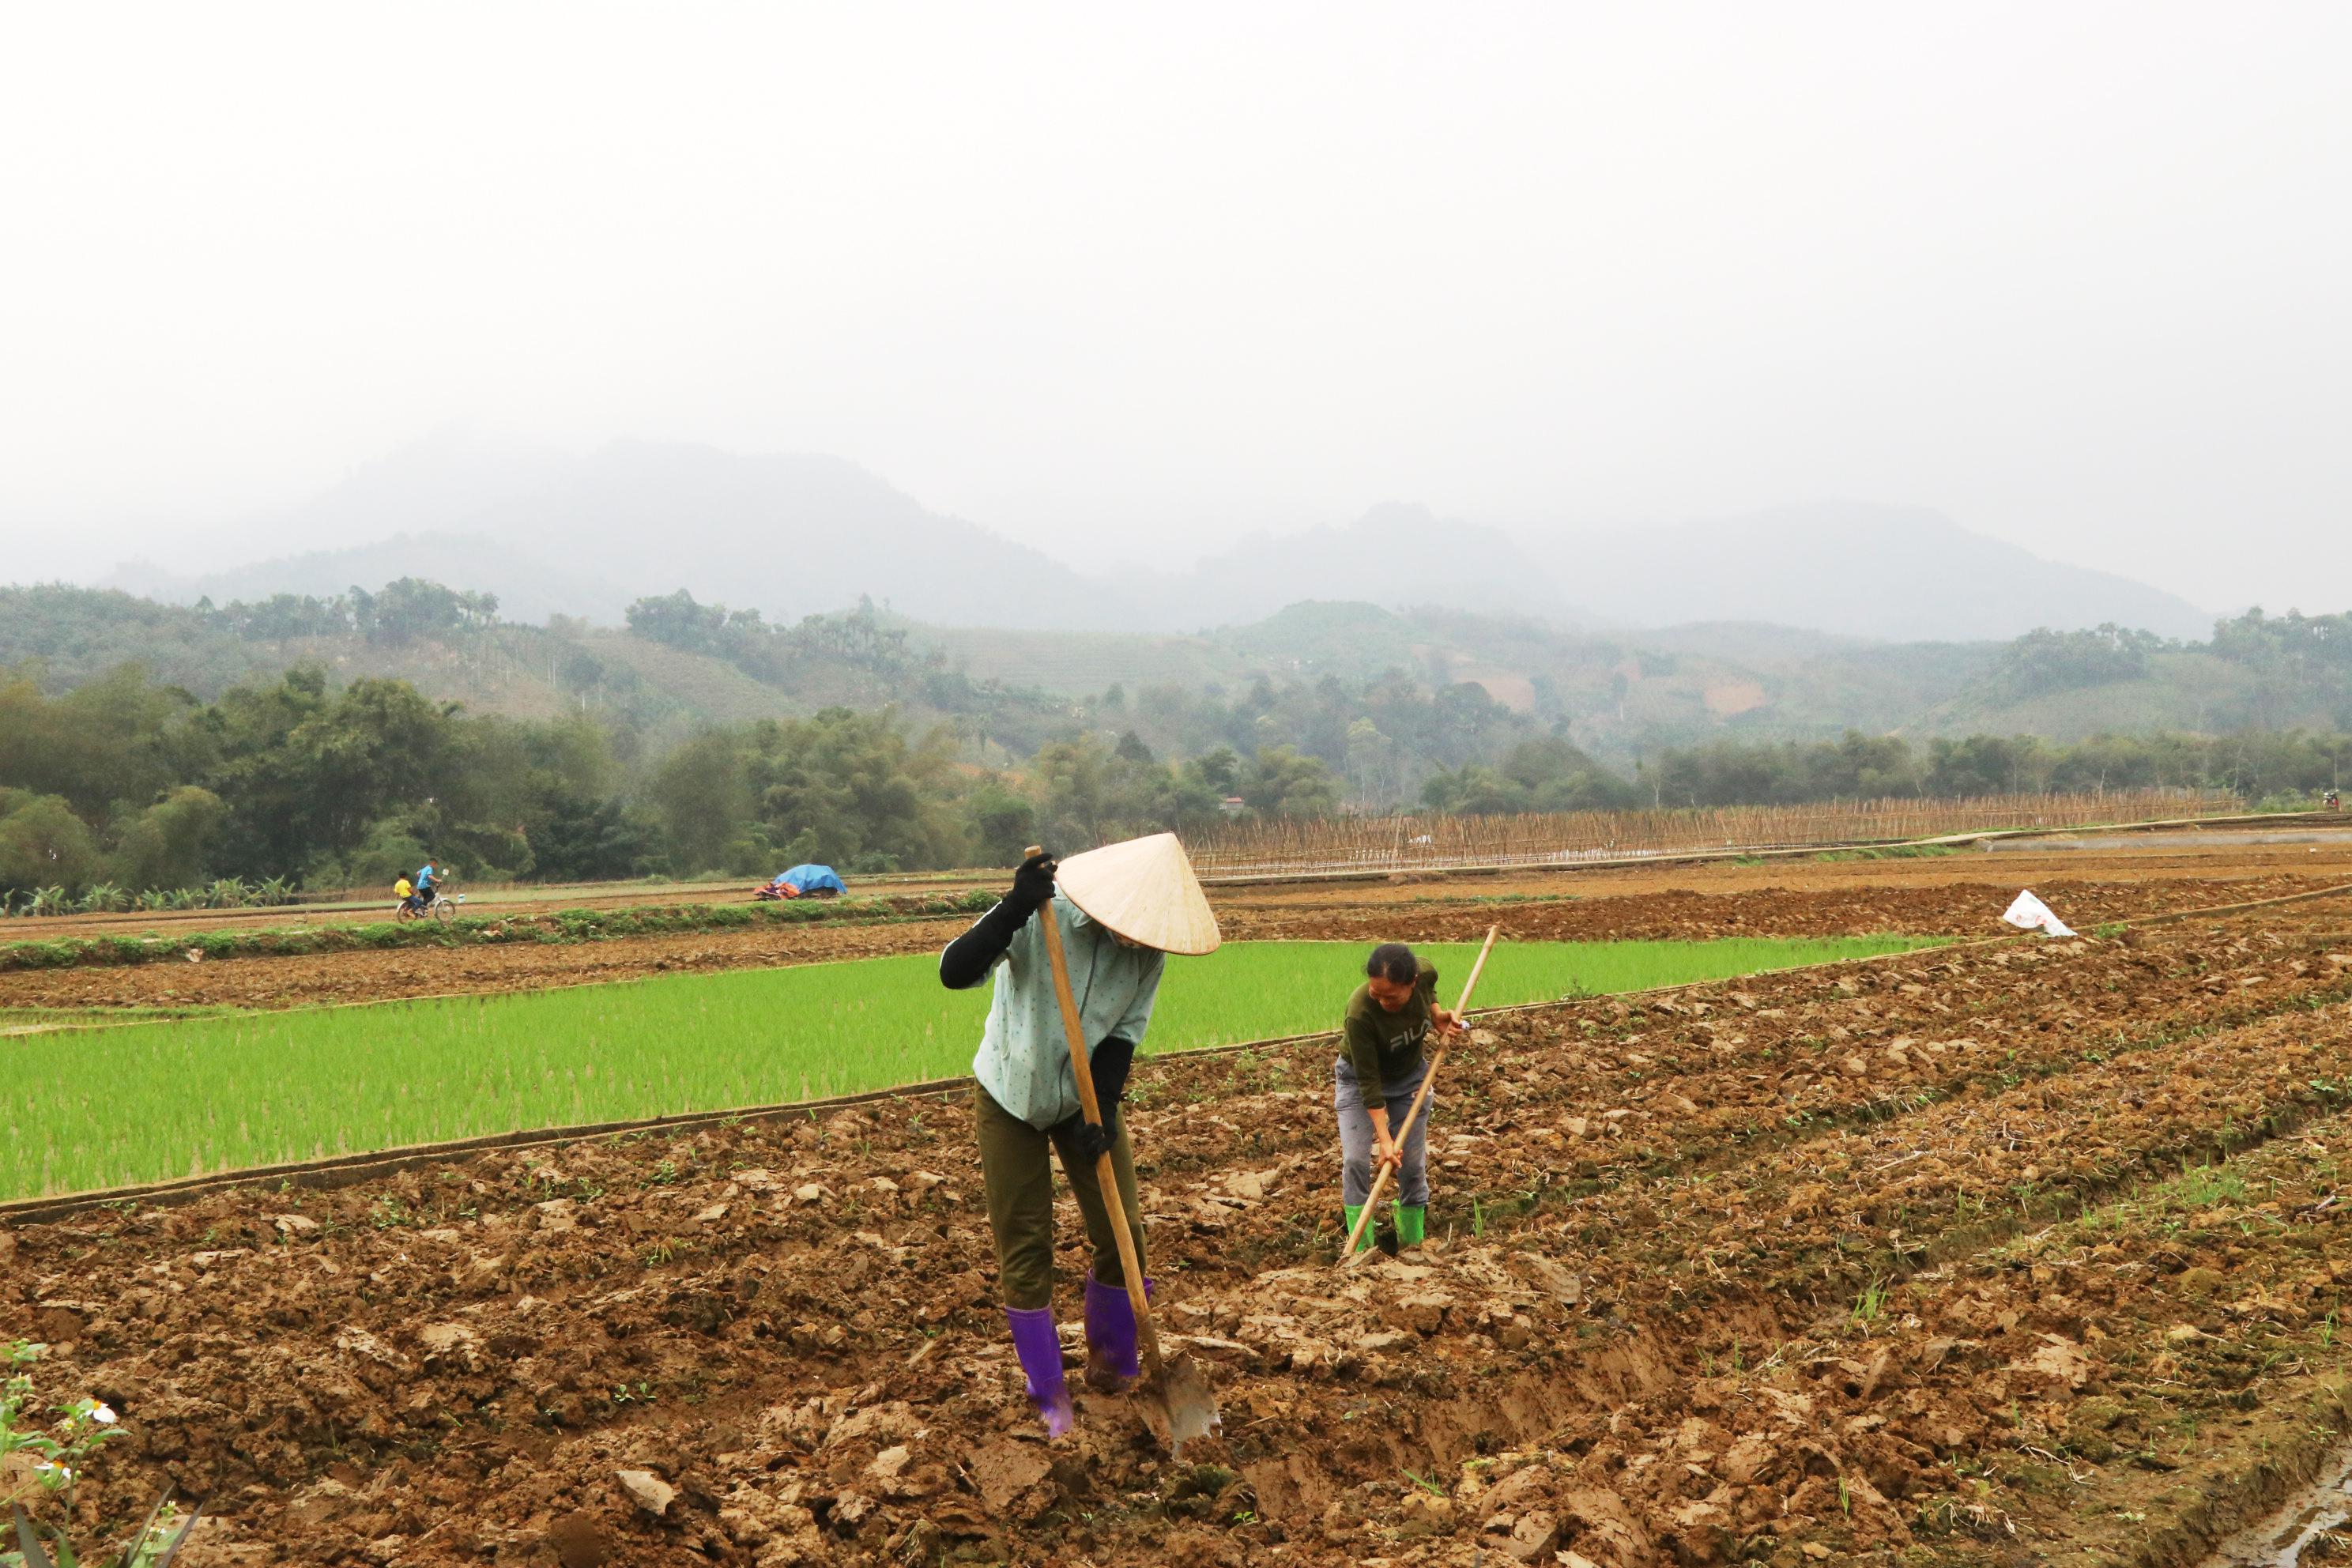 Tham gia vào HTX, người nông dân có điều kiện sản xuất lớn theo chuỗi giá trị